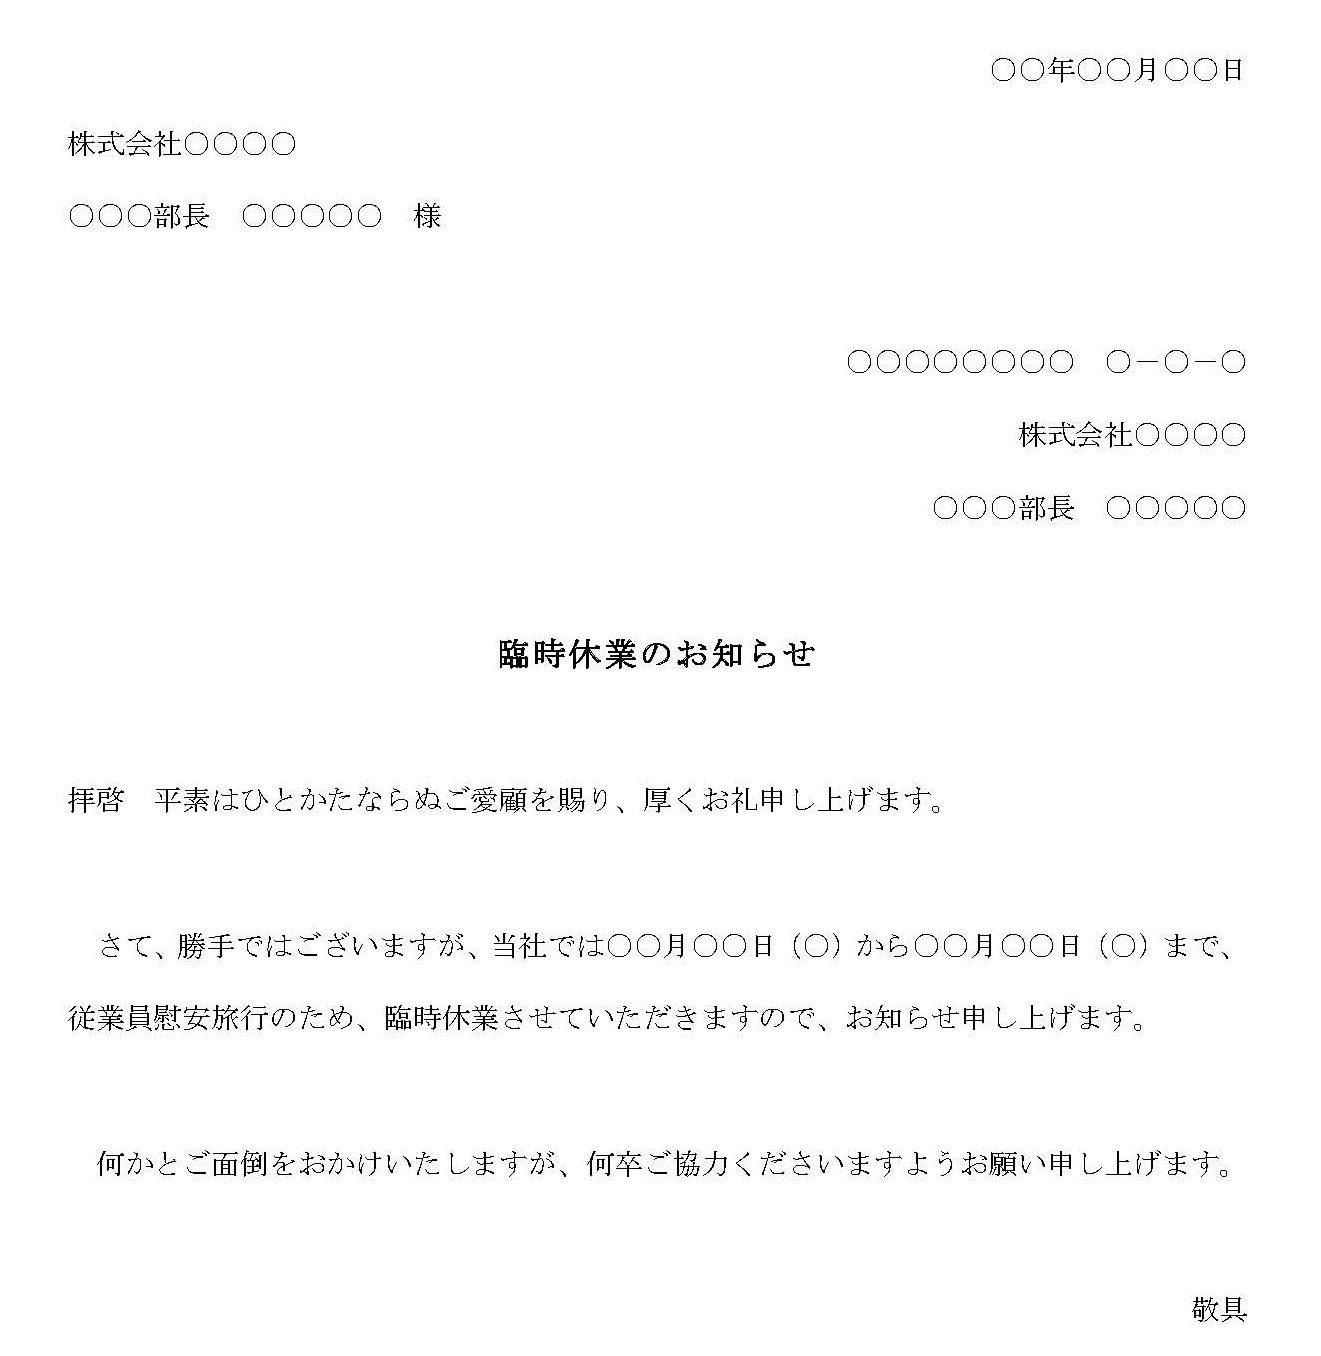 お知らせ(臨時休業)08